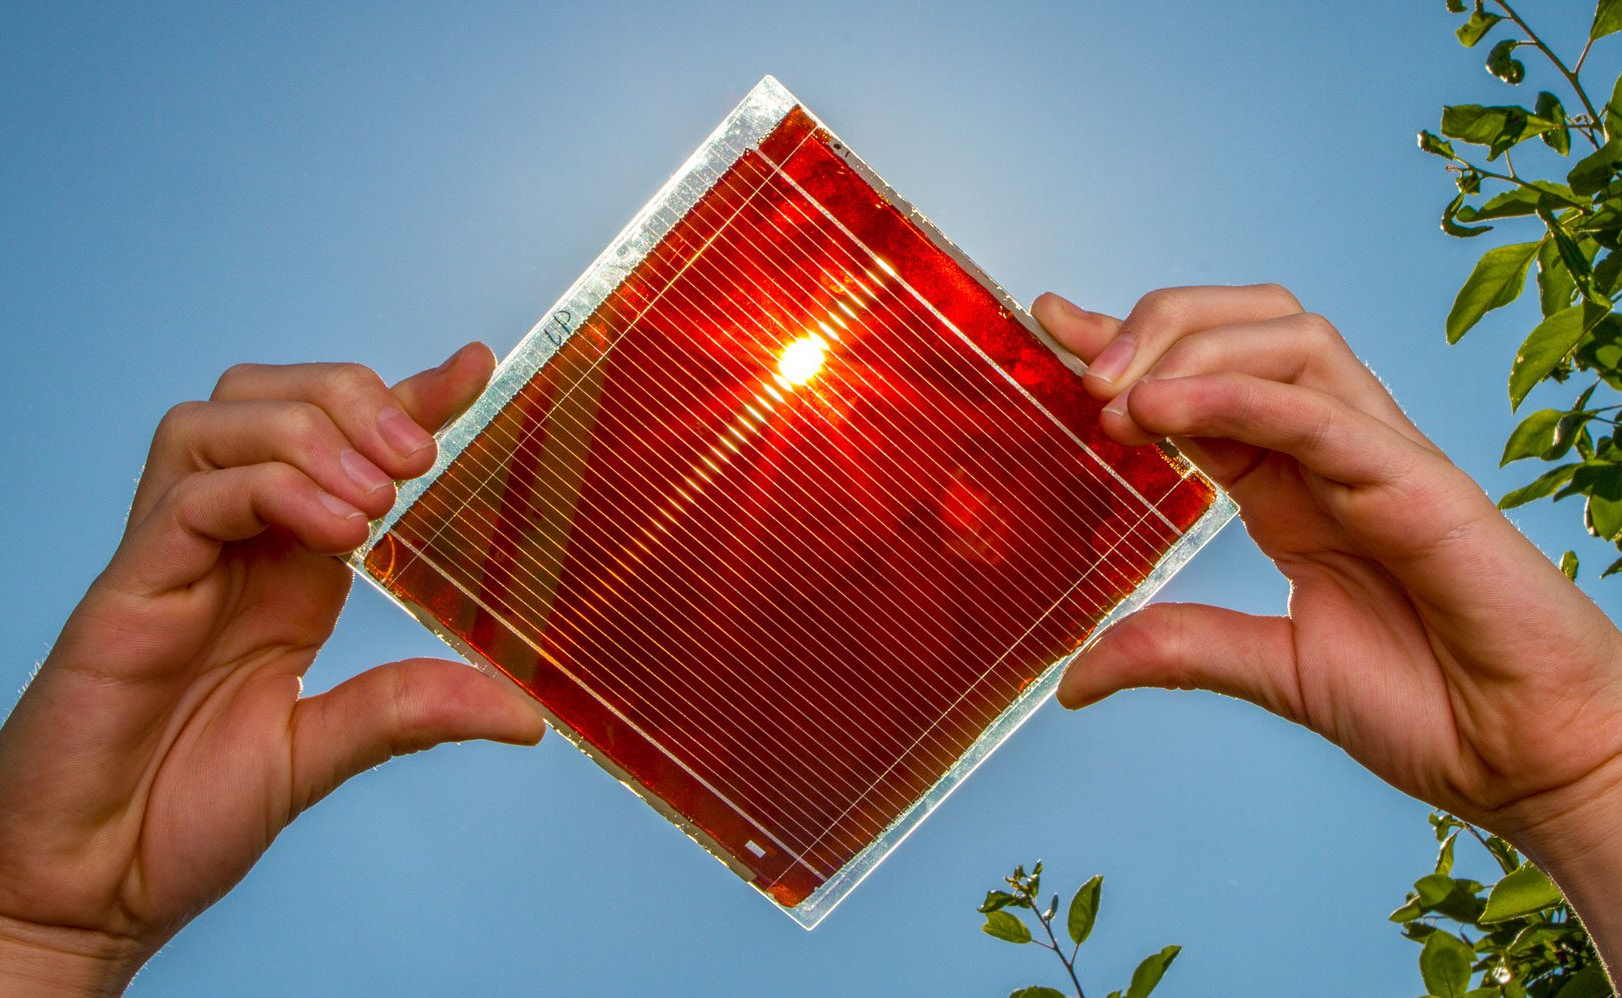 سلول خورشیدی چیست؟ — از صفر تا صد